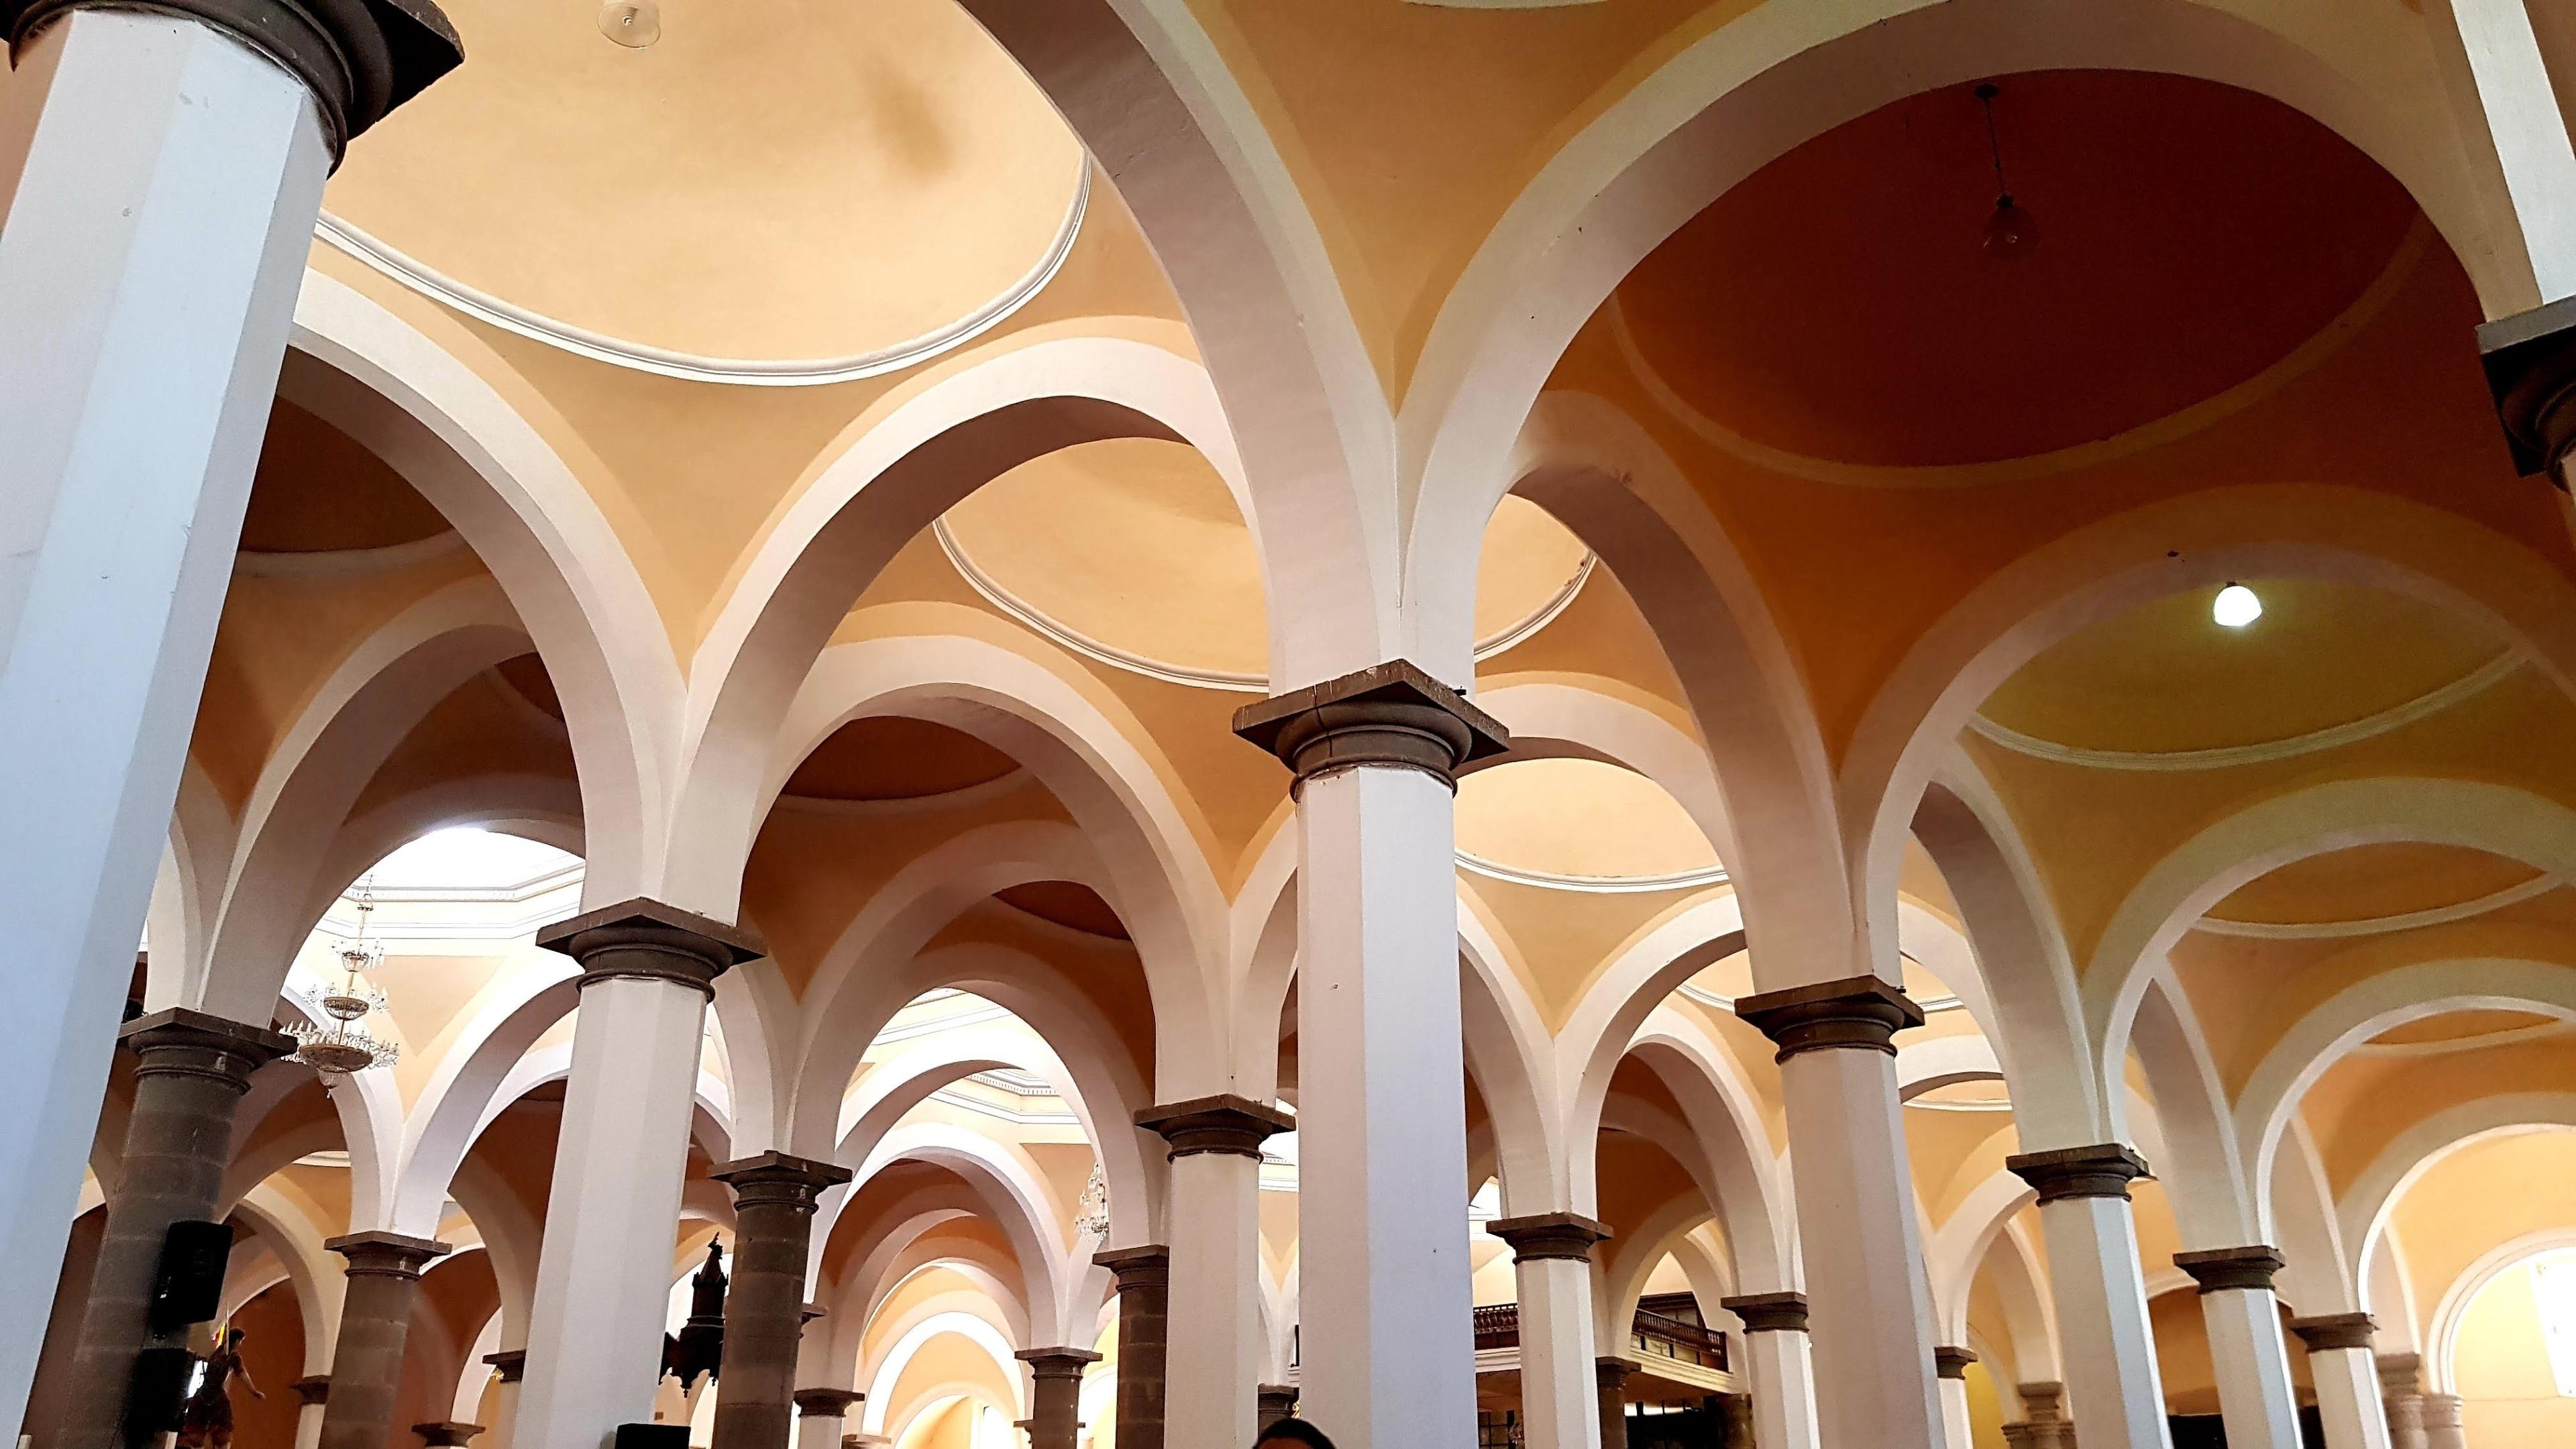 Centro, San Pedro Cholula, Puebla, México